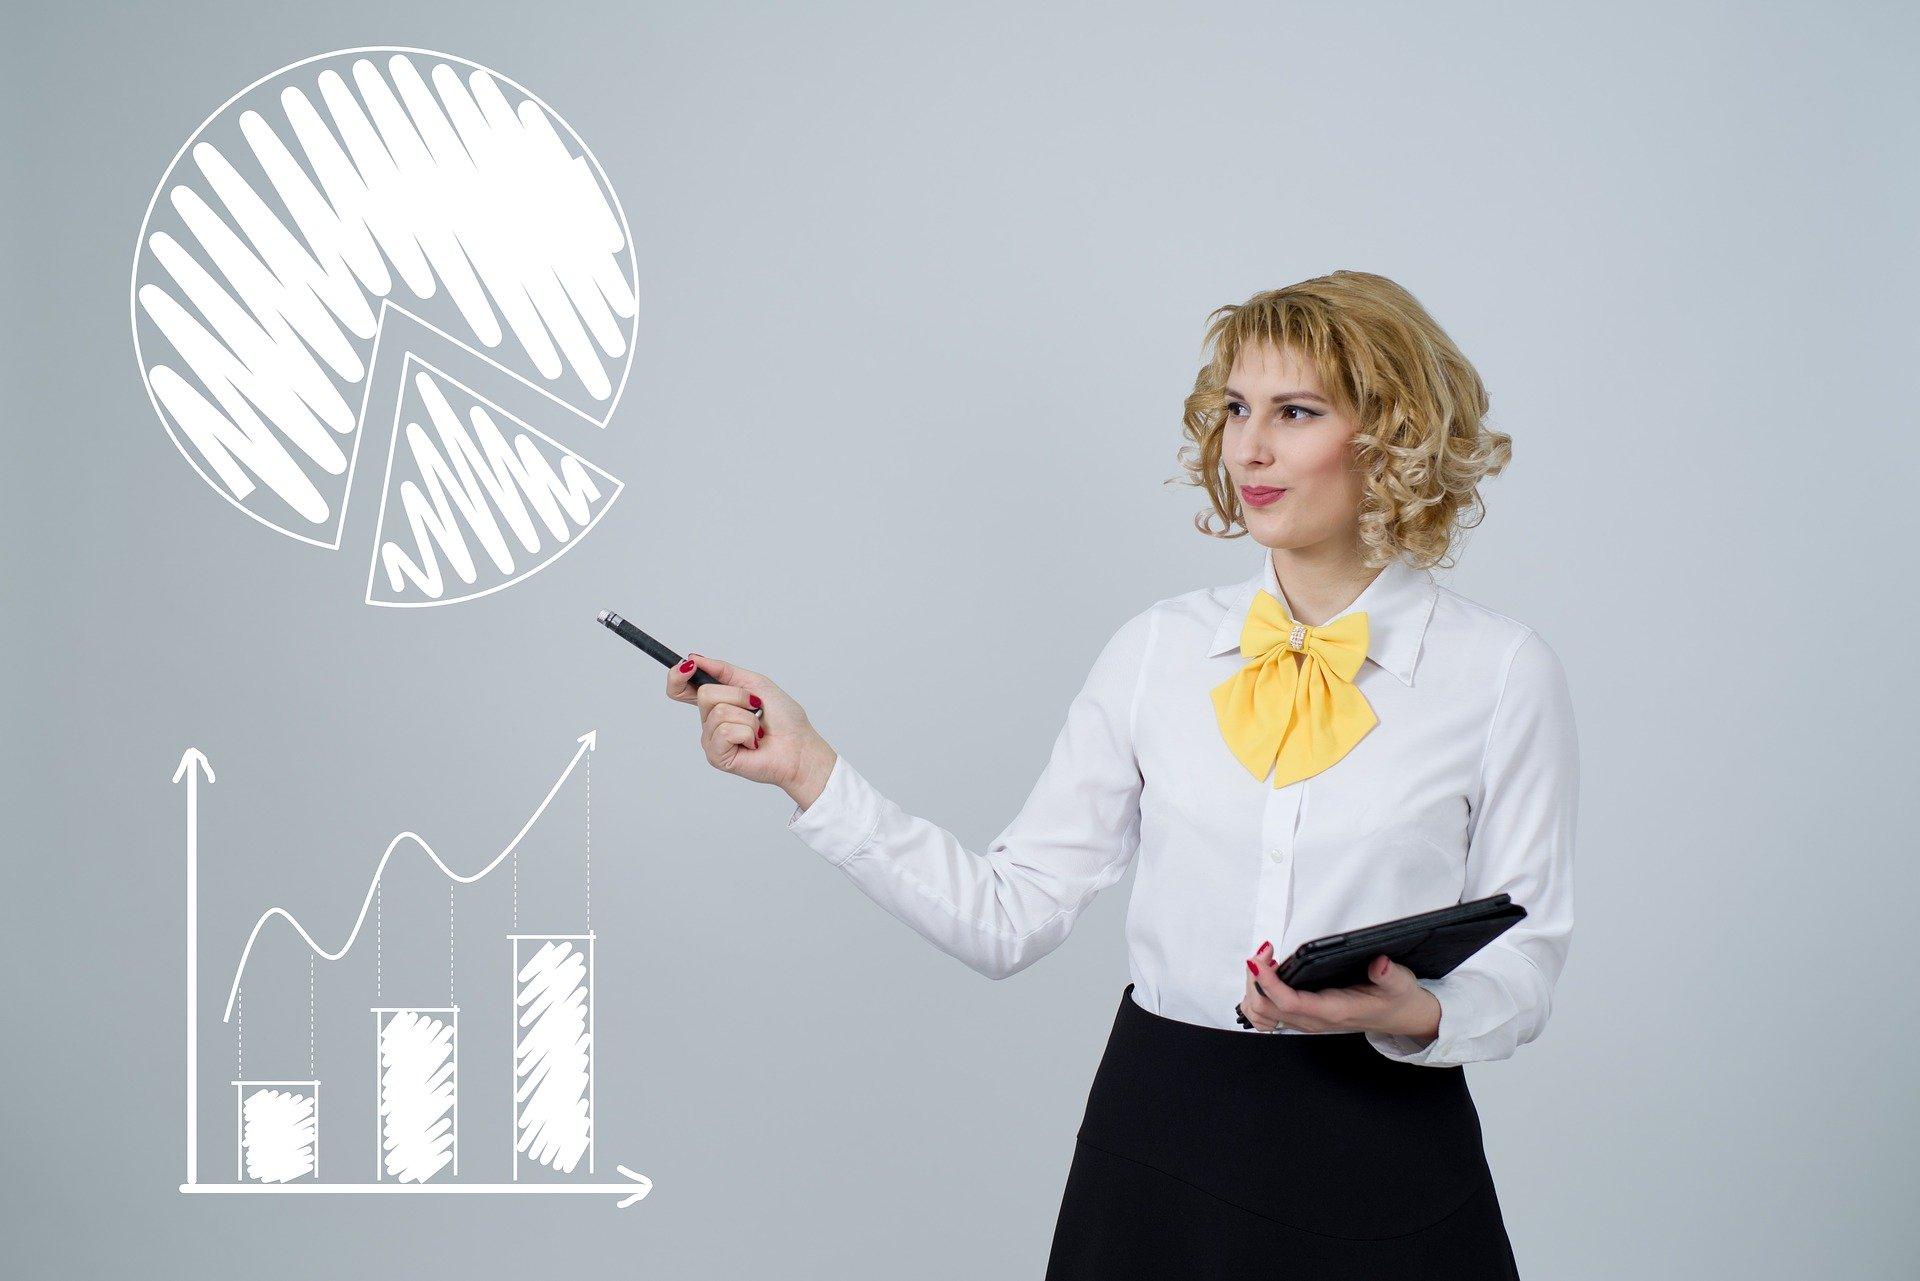 valóban pénzt keresni az interneten befektetés nélkül online pénzkeresési módok és fizetési lista